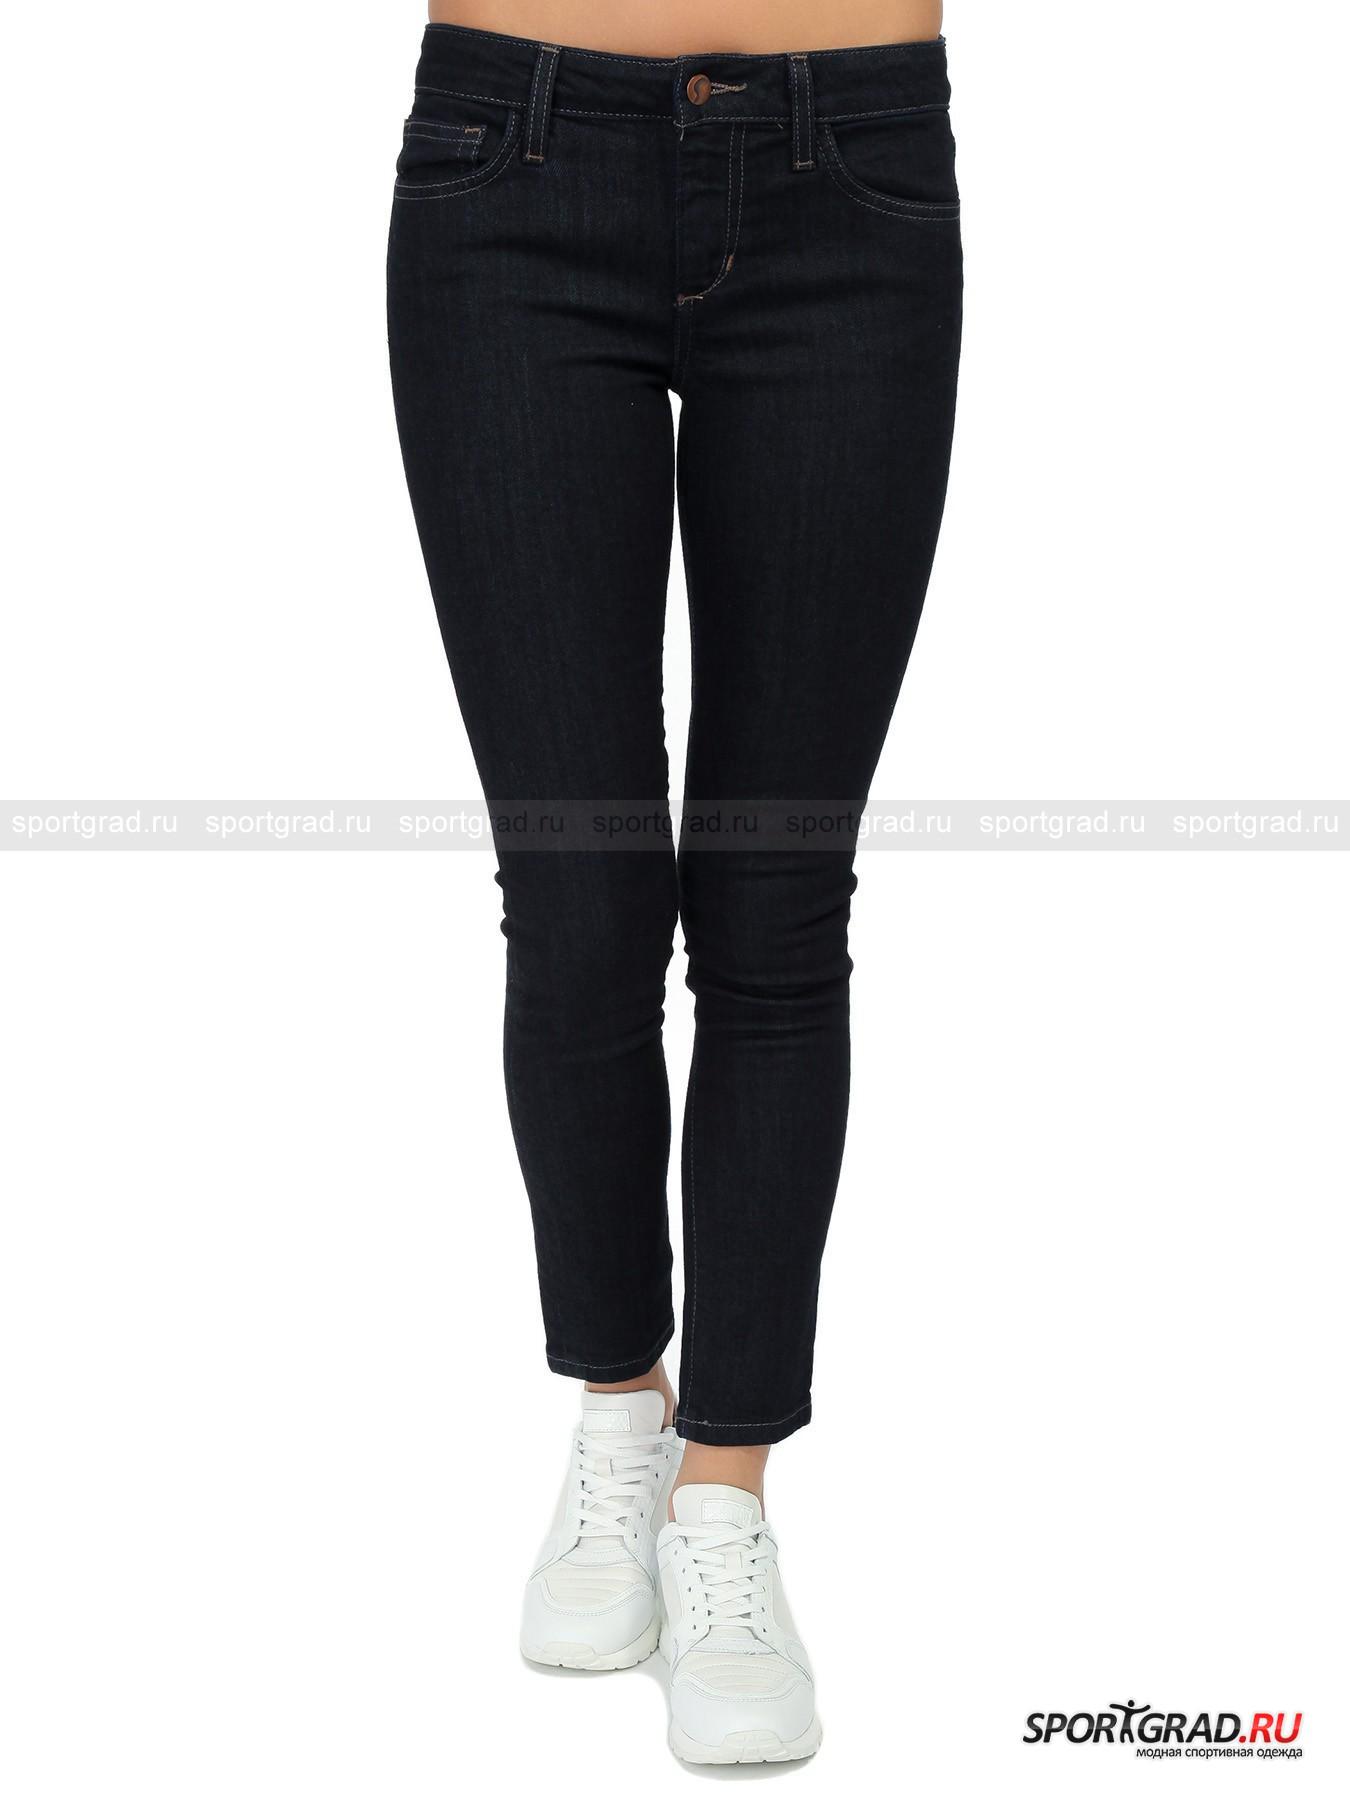 Джинсы женские JOESБрюки<br>Зауженные по всей длине джинсы Alice из новой коллекции ультрамодной американской марки JOES смотрятся безупречно на стройных женских ногах. Их цель сделать Вашу фигуру объектом восхищения, и поверьте, с этой задачей они справятся играючи. Эластичный denim марки Premium, усиленная прострочка швов и изысканный внешний вид – у этой модели есть всё, чтобы Вы выглядели неотразимо и наслаждались высоким уровнем комфорта. Made in Mexico.<br><br>Пол: Женский<br>Возраст: Взрослый<br>Тип: Брюки<br>Рекомендации по уходу: Деликатная ручная стирка при температуре 30 градусов, щадящий ручной отжим, гладить при температуре до 120 градусов.<br>Состав: 98% хлопок, 2% эластан